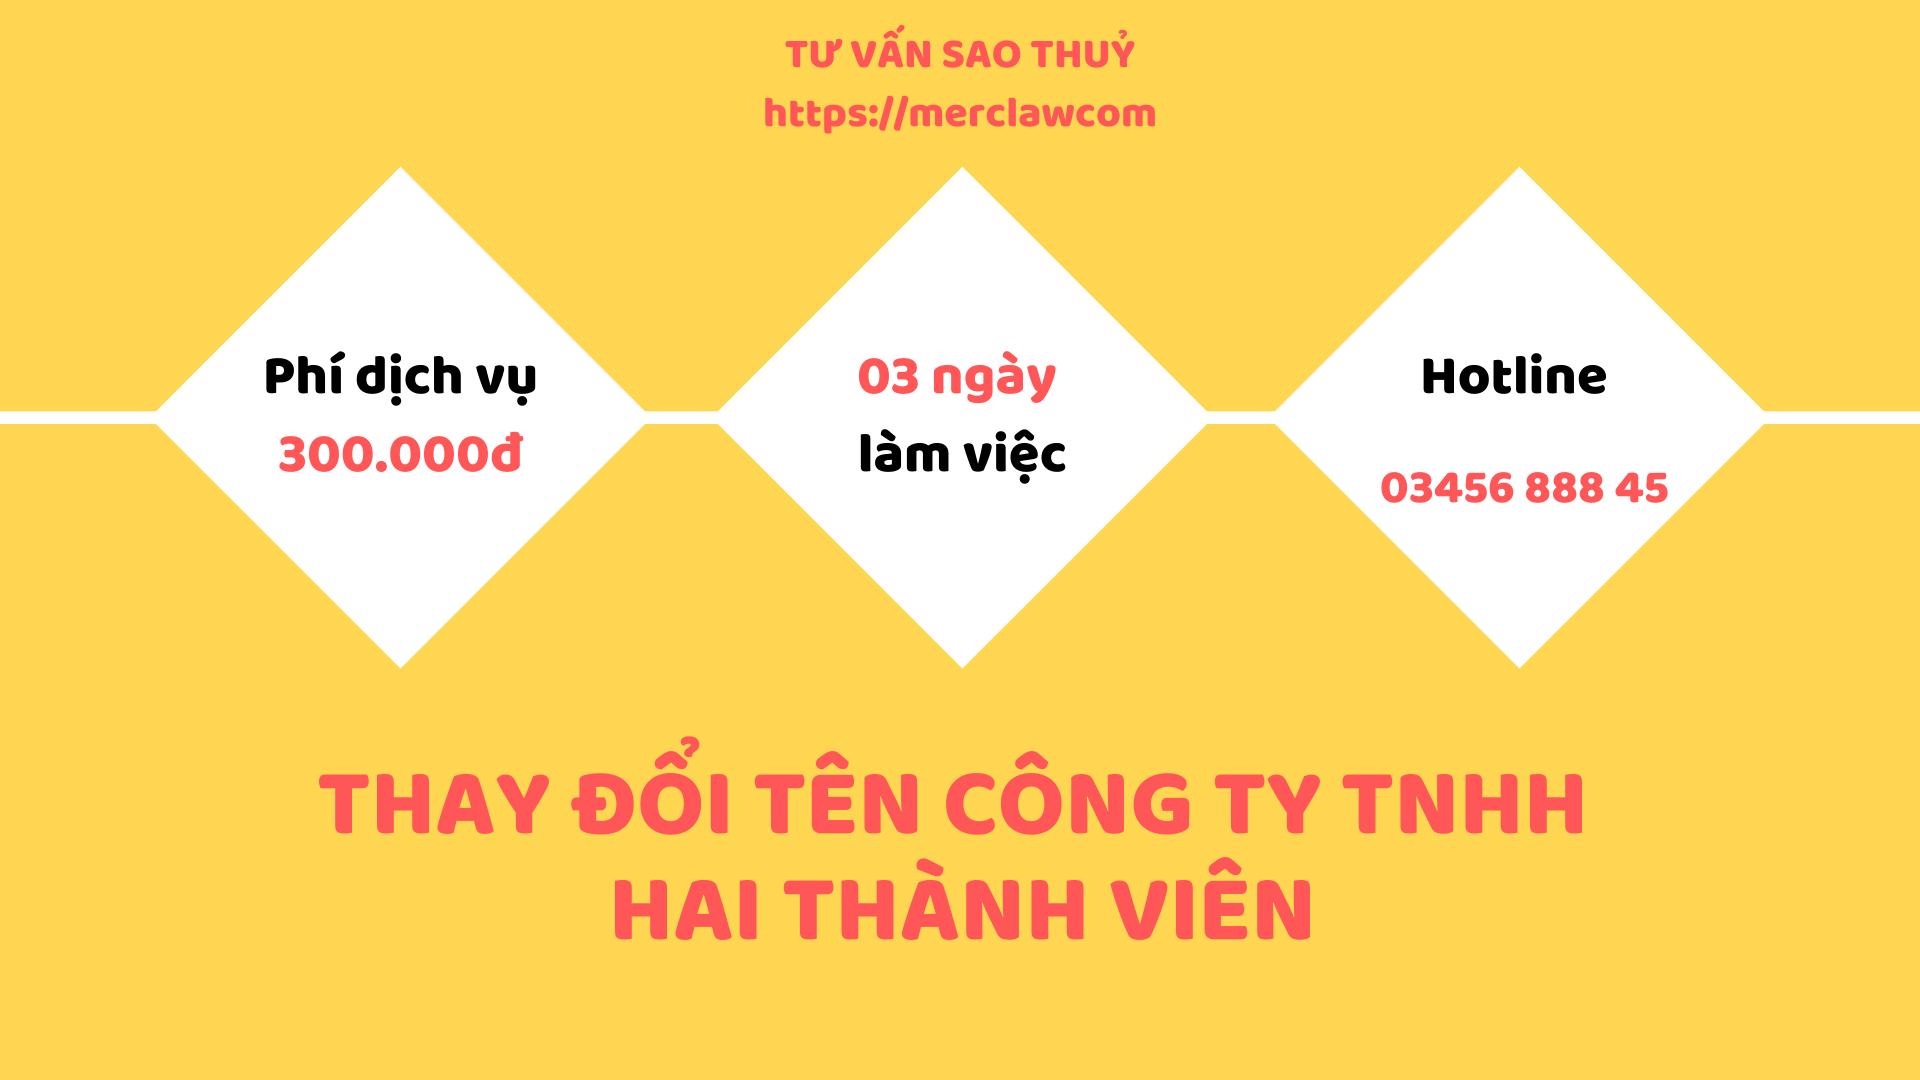 thay đổi tên công ty TNHH HTV